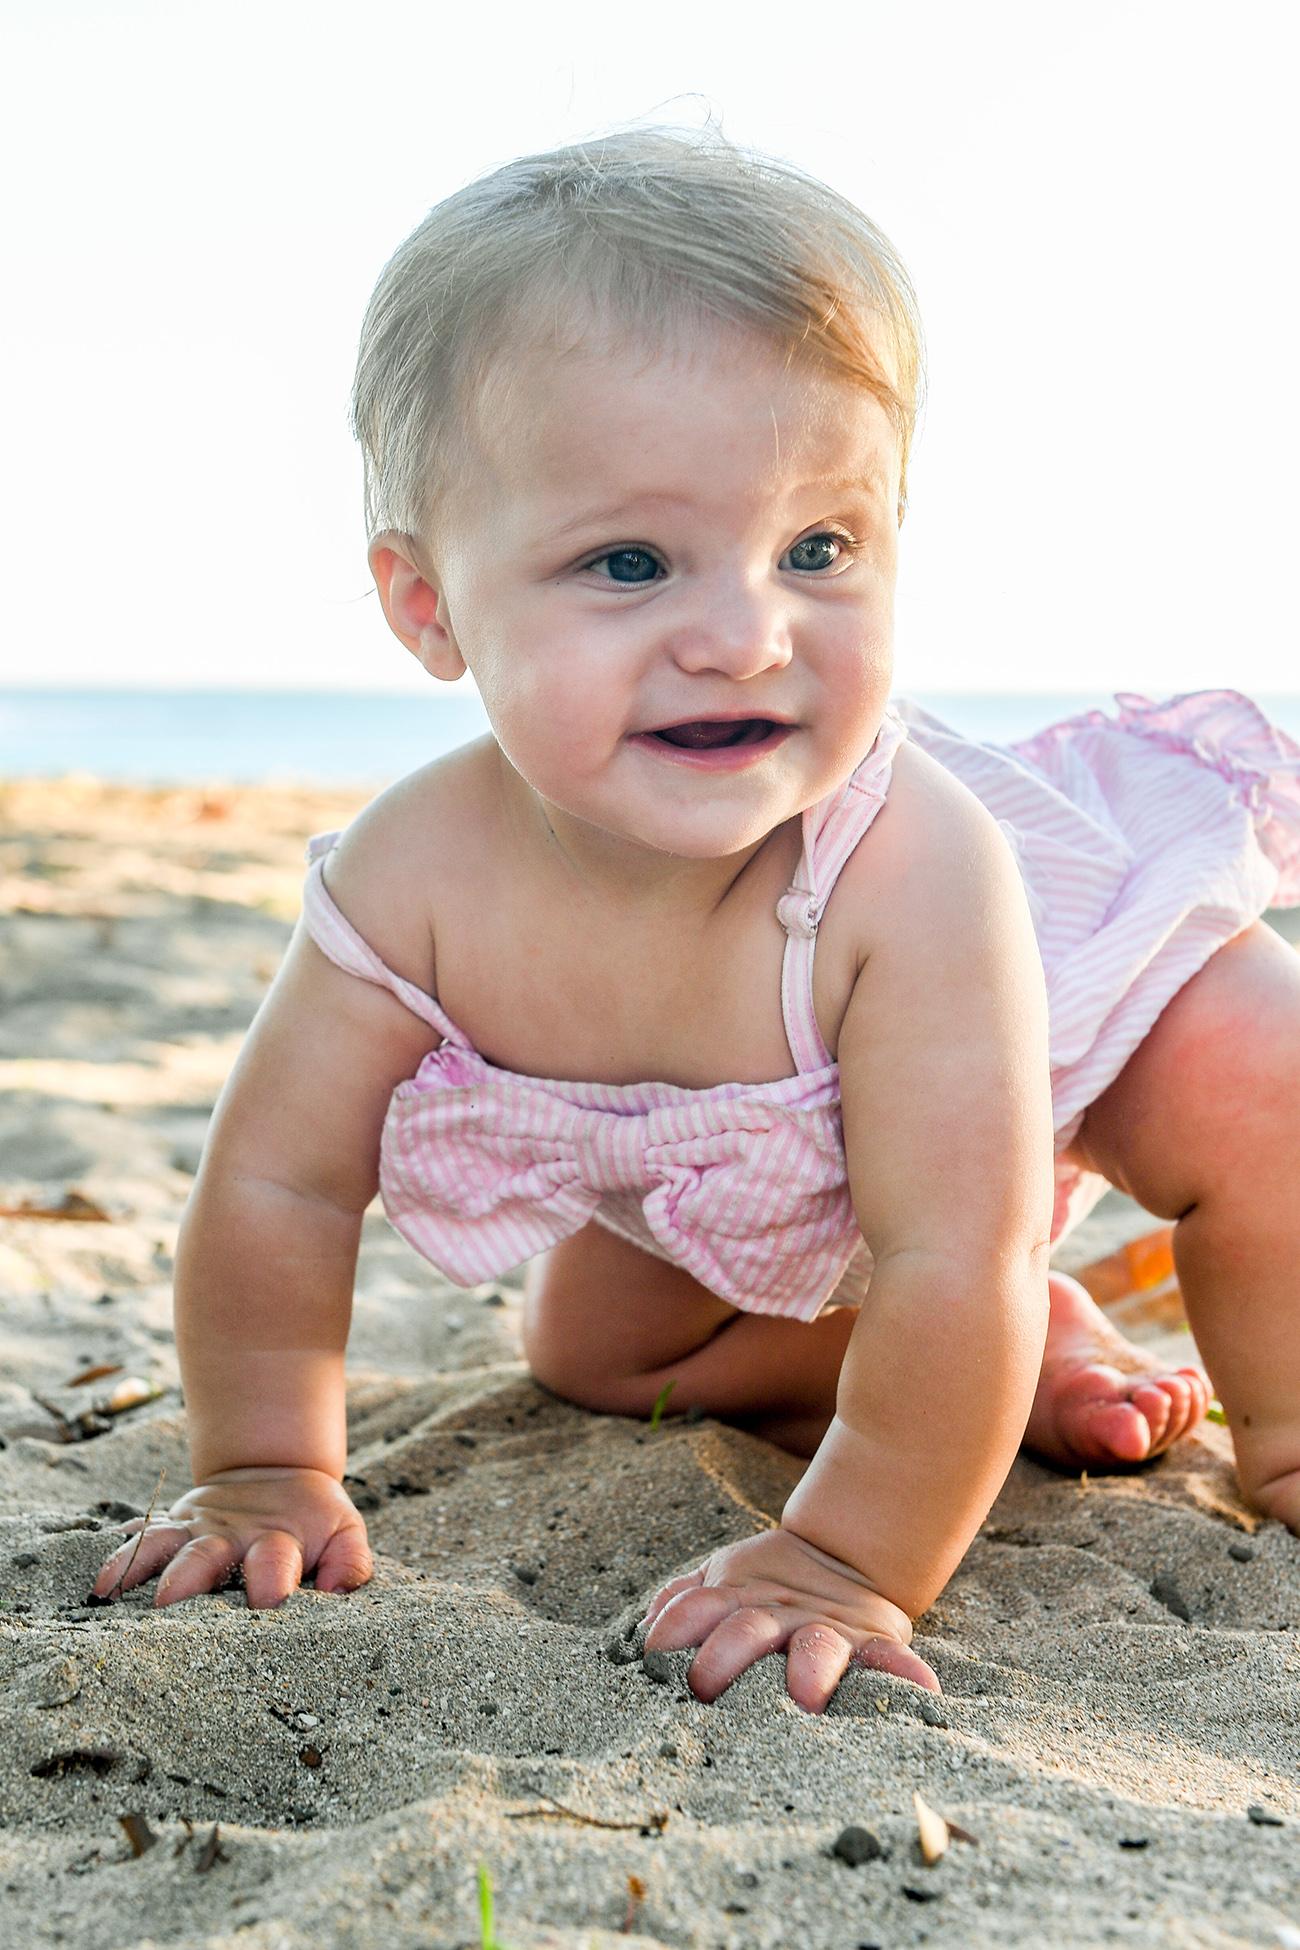 Baby crawls on sandy beach in Family photoshoot at Natadola beach Fiji